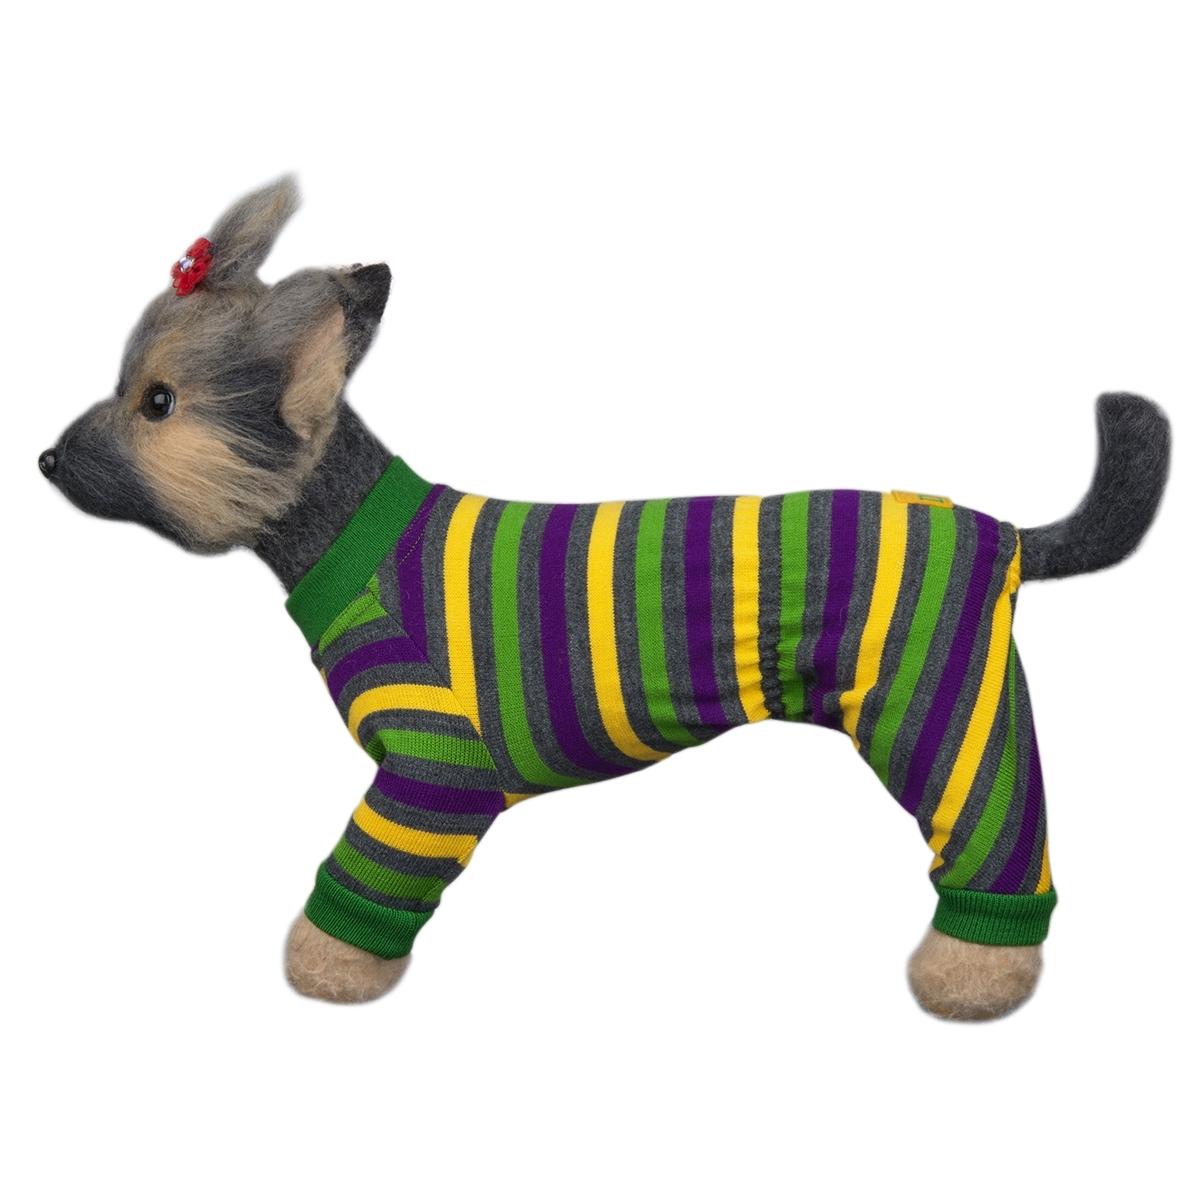 Свитер для собак Dogmoda Досуг, унисекс, цвет: зеленый, черный, желтый. Размер 4 (XL)DM-160105-4Модный свитер Dogmoda Досуг, изготовленный из 100% акрила, не будет сковывать движения вашего любимца и обеспечит наибольший комфорт. Модель с длинными рукавами великолепно сидит. Изделие легко надевать и снимать. Ворот и низ рукавов оснащены широкими трикотажными манжетами, которые мягко обхватывают шею и лапки, не позволяя просачиваться холодному воздуху. Модель имеет удлиненную спинку. Этот теплый и комфортный свитер станет отличным дополнением к гардеробу вашего питомца. В нем ему всегда будет тепло в прохладное время года.Одежда для собак: нужна ли она и как её выбрать. Статья OZON Гид